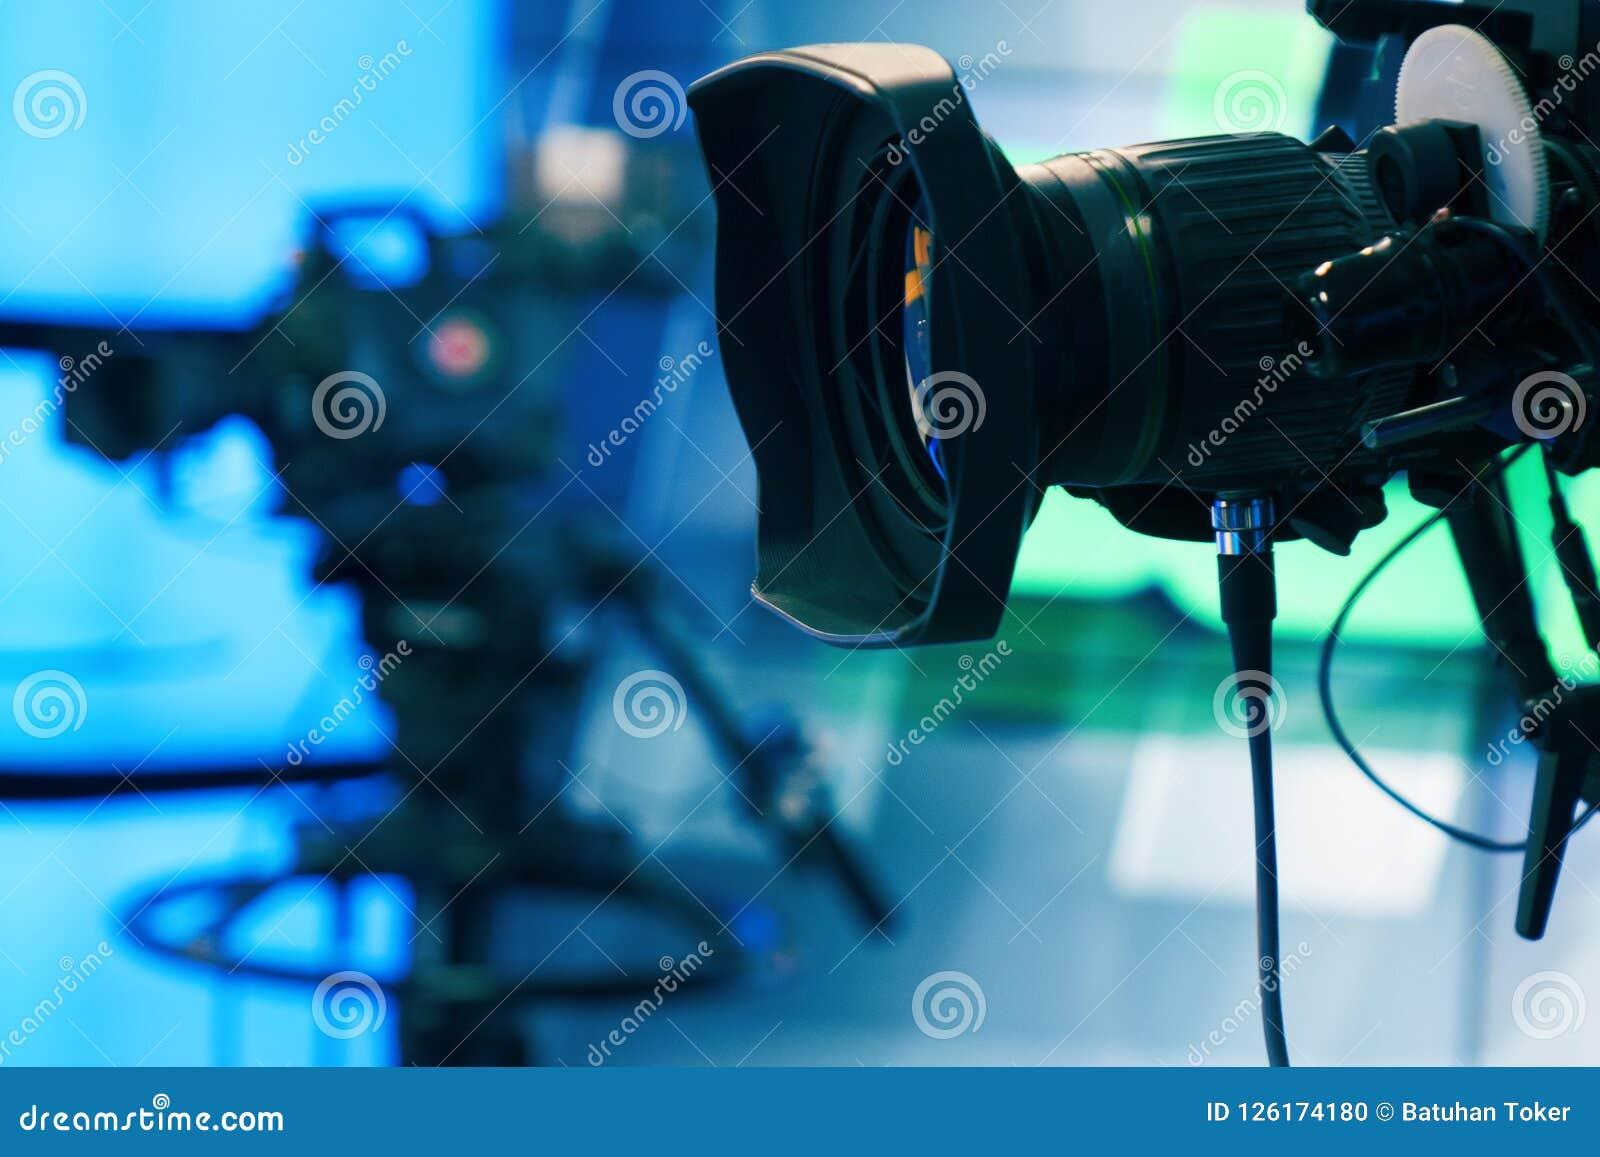 广播电视演播室照相机和起重机照相机在新闻演播室室